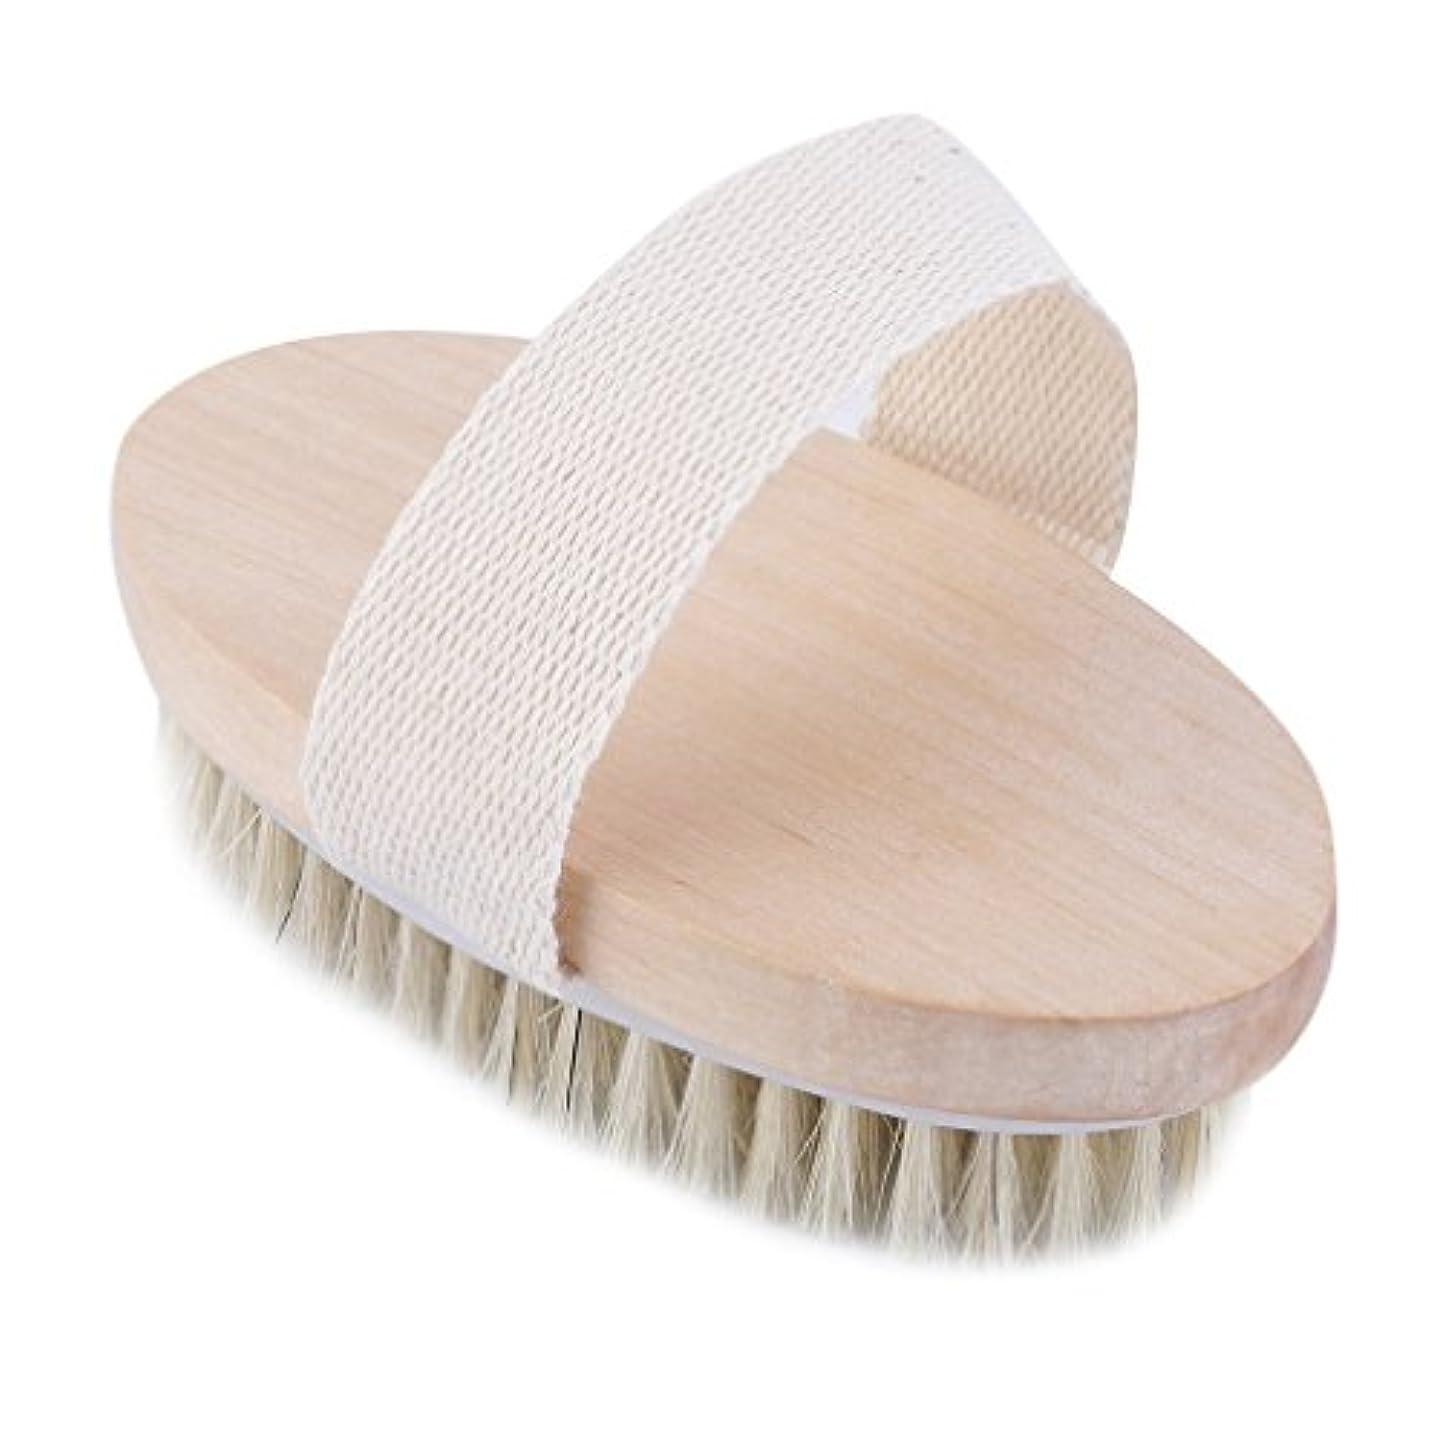 政治家従順説教するuzinby 豚毛 天然素材 木製 短柄 ボディブラシ 足を洗う 角質除去 美肌 バス用品